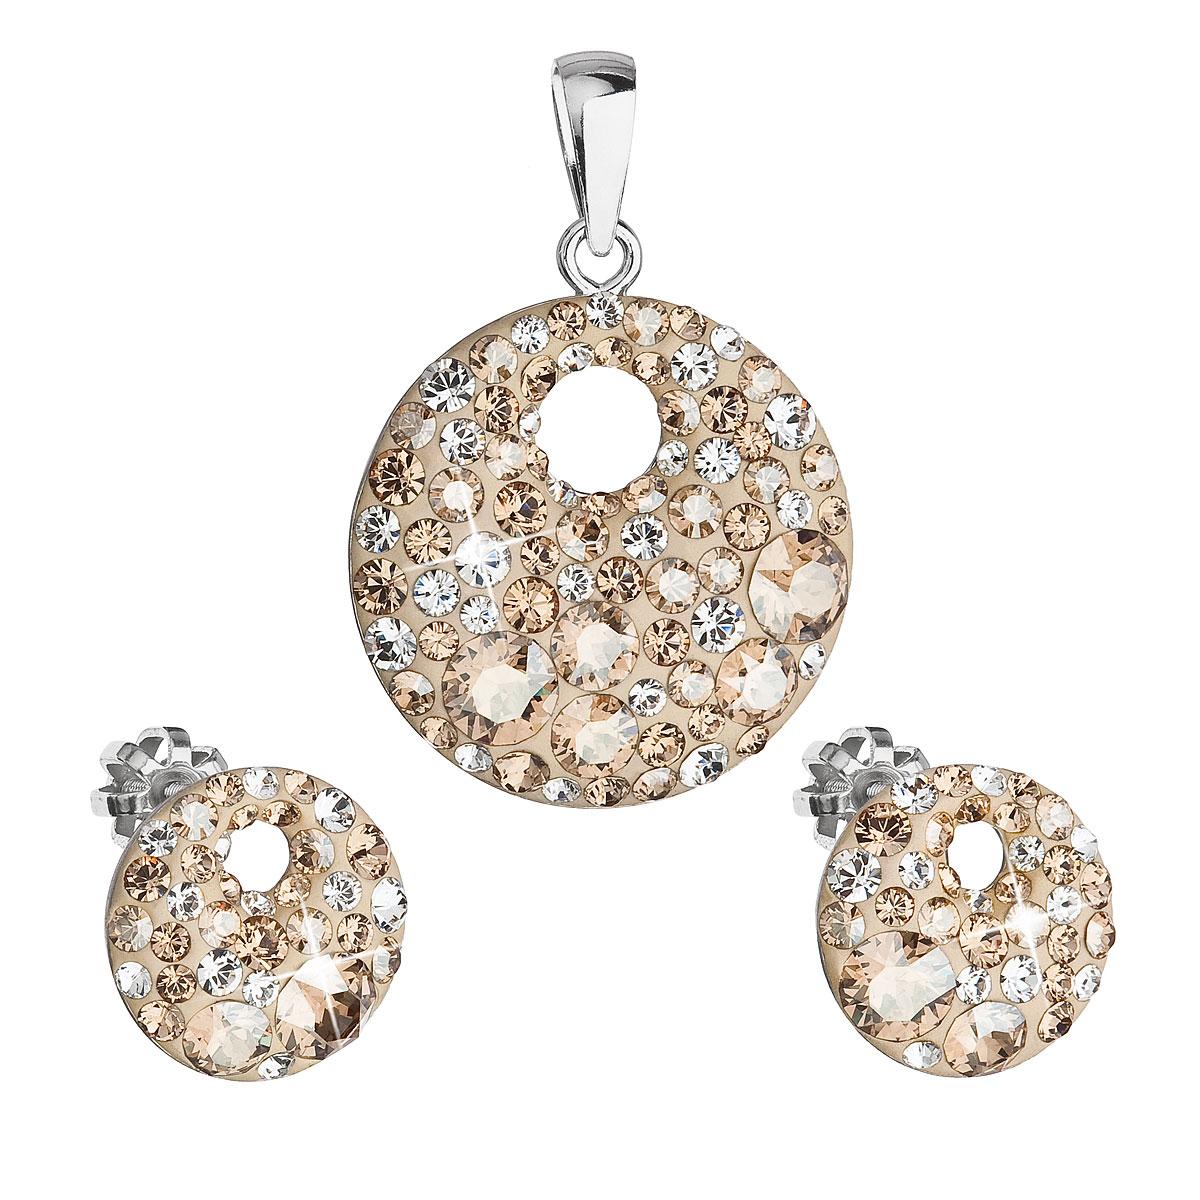 Sada šperkov s krištáľmi Swarovski náušnice a prívesok zlaté okrúhle 39148.5